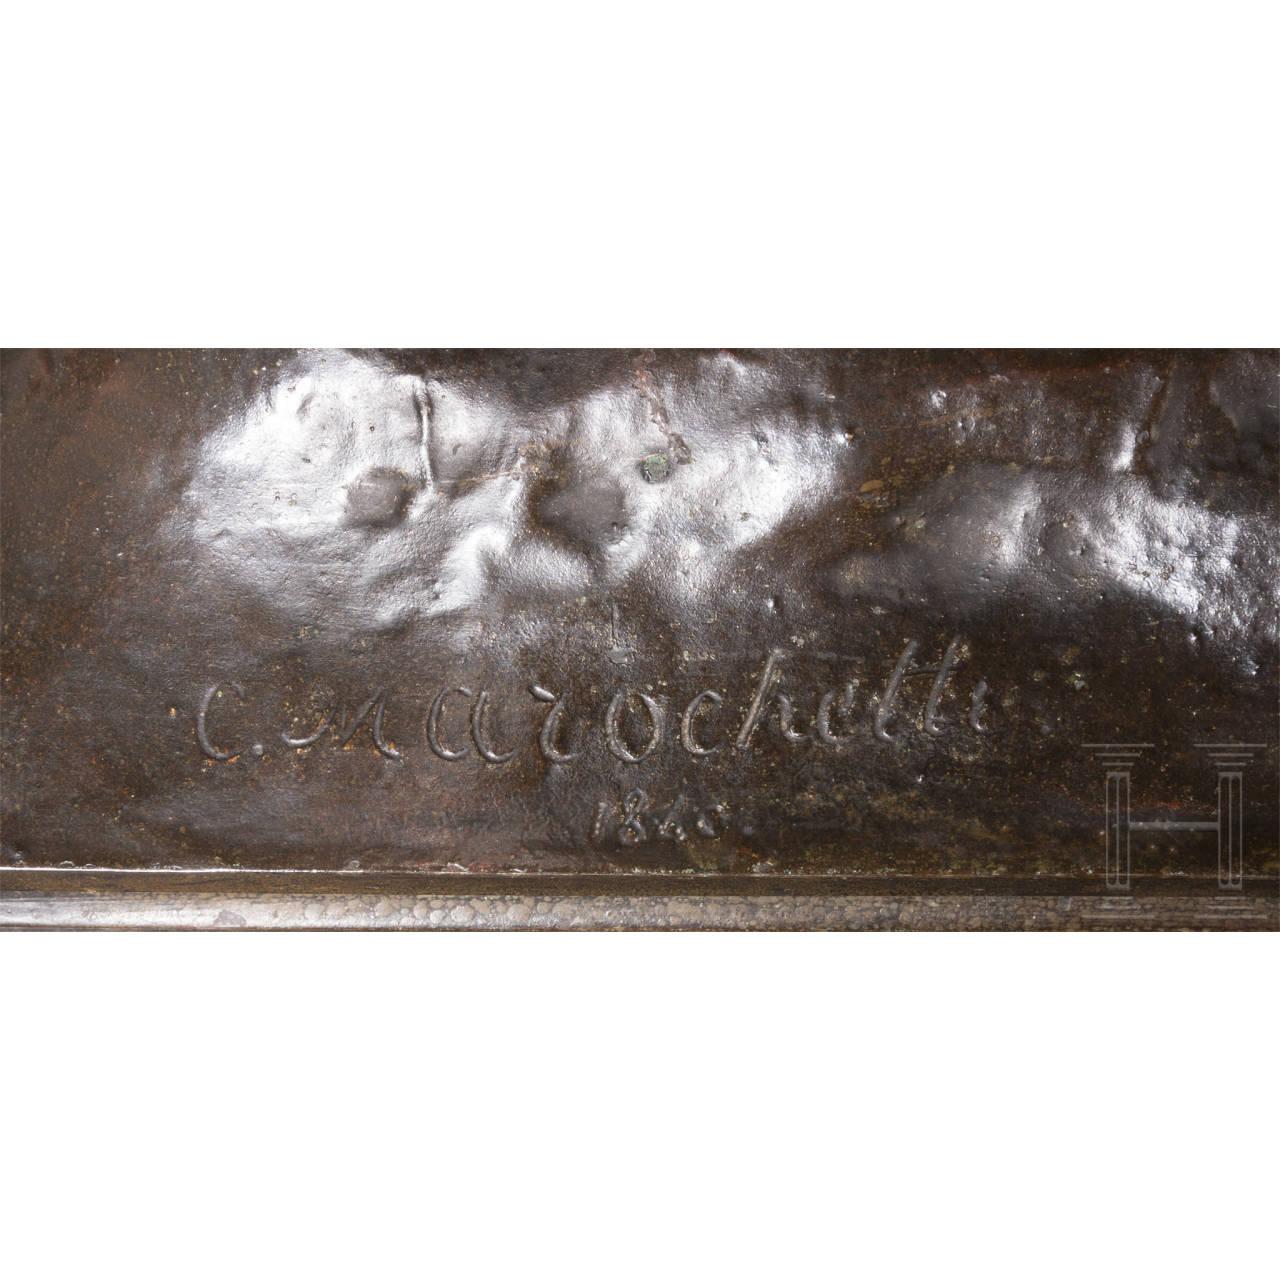 Reiterstandbild von Napoleon Bonaparte in Uniform, signiert C. Marochetti, Paris, 19. Jhdt.